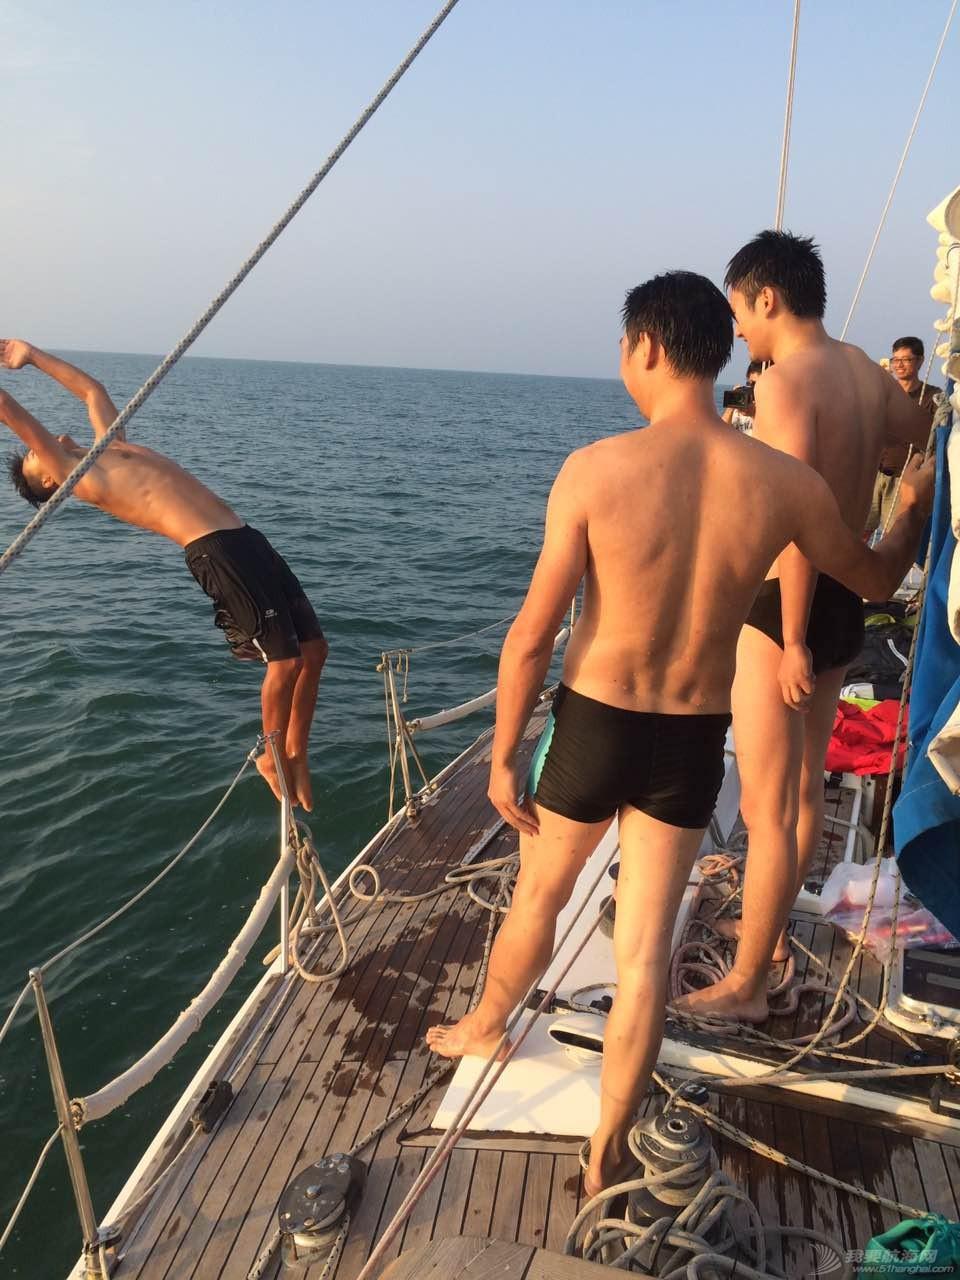 东海,退役运动员,常春藤,渤海,浙江 9天9夜航程800海里让你从一无所知变成合格的水手[威海] 207675848149462339.jpg